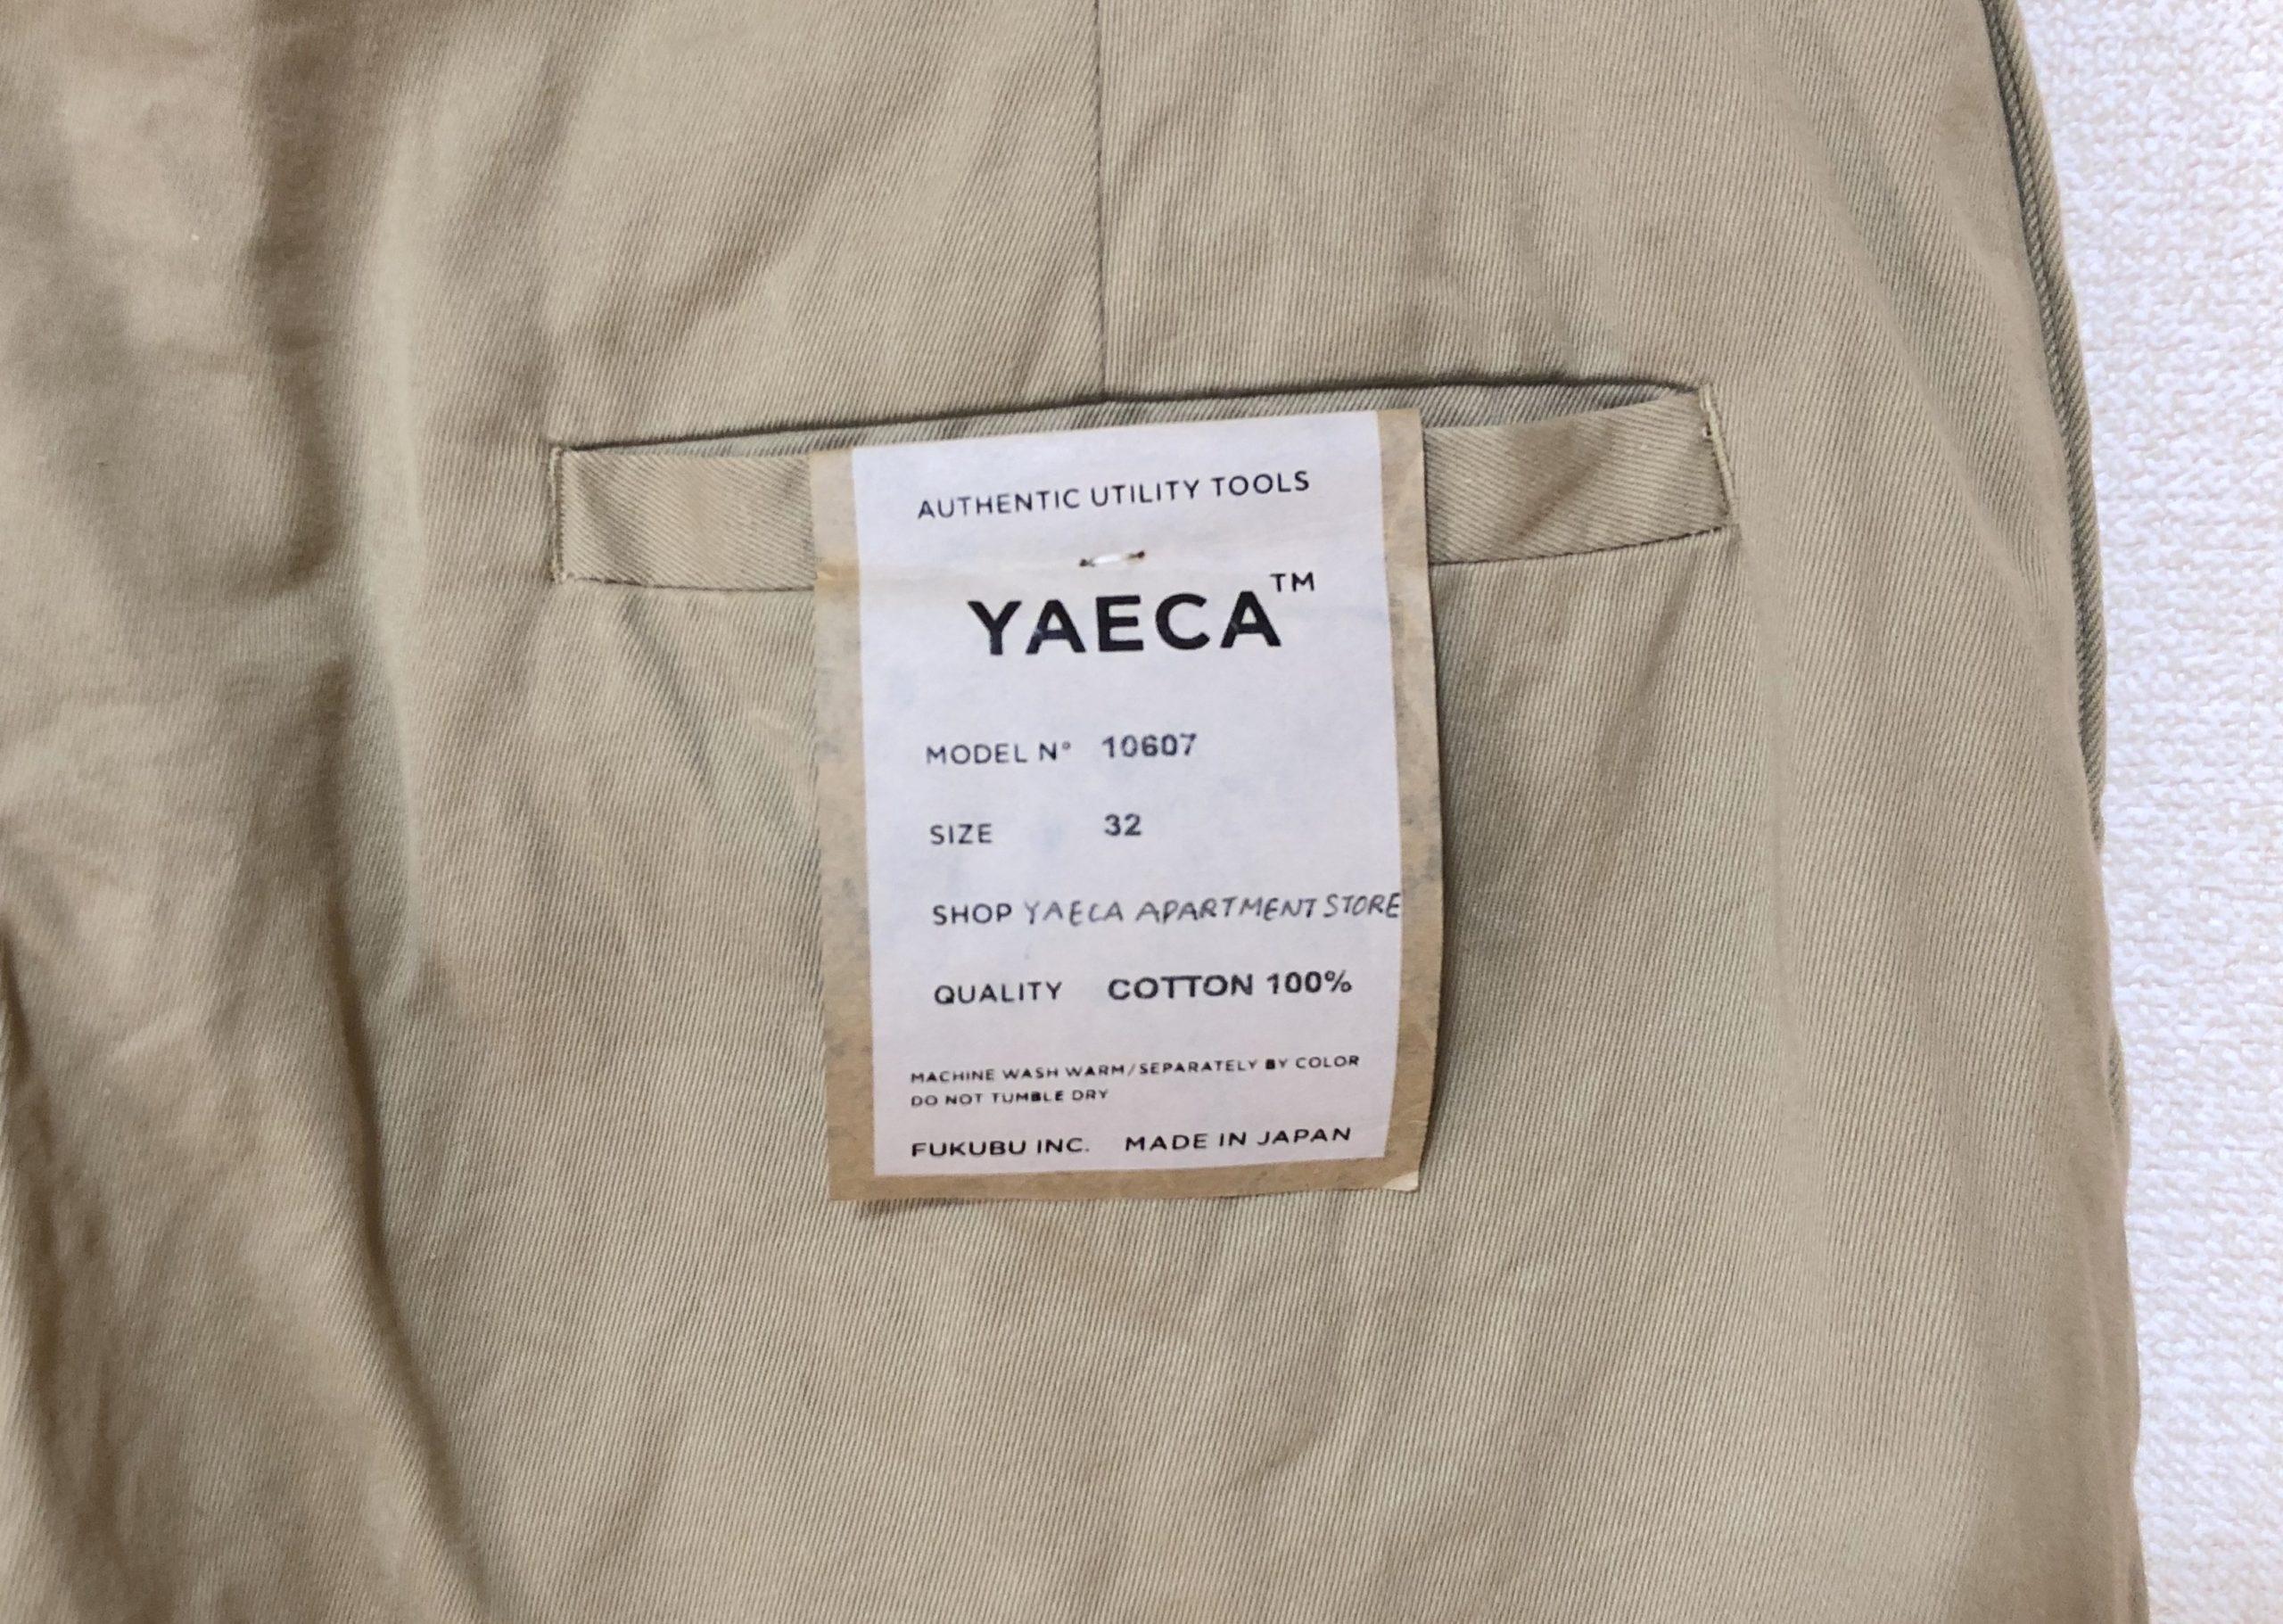 【ラインナップも豊富】YAECA(ヤエカ)のチノパンの種類について